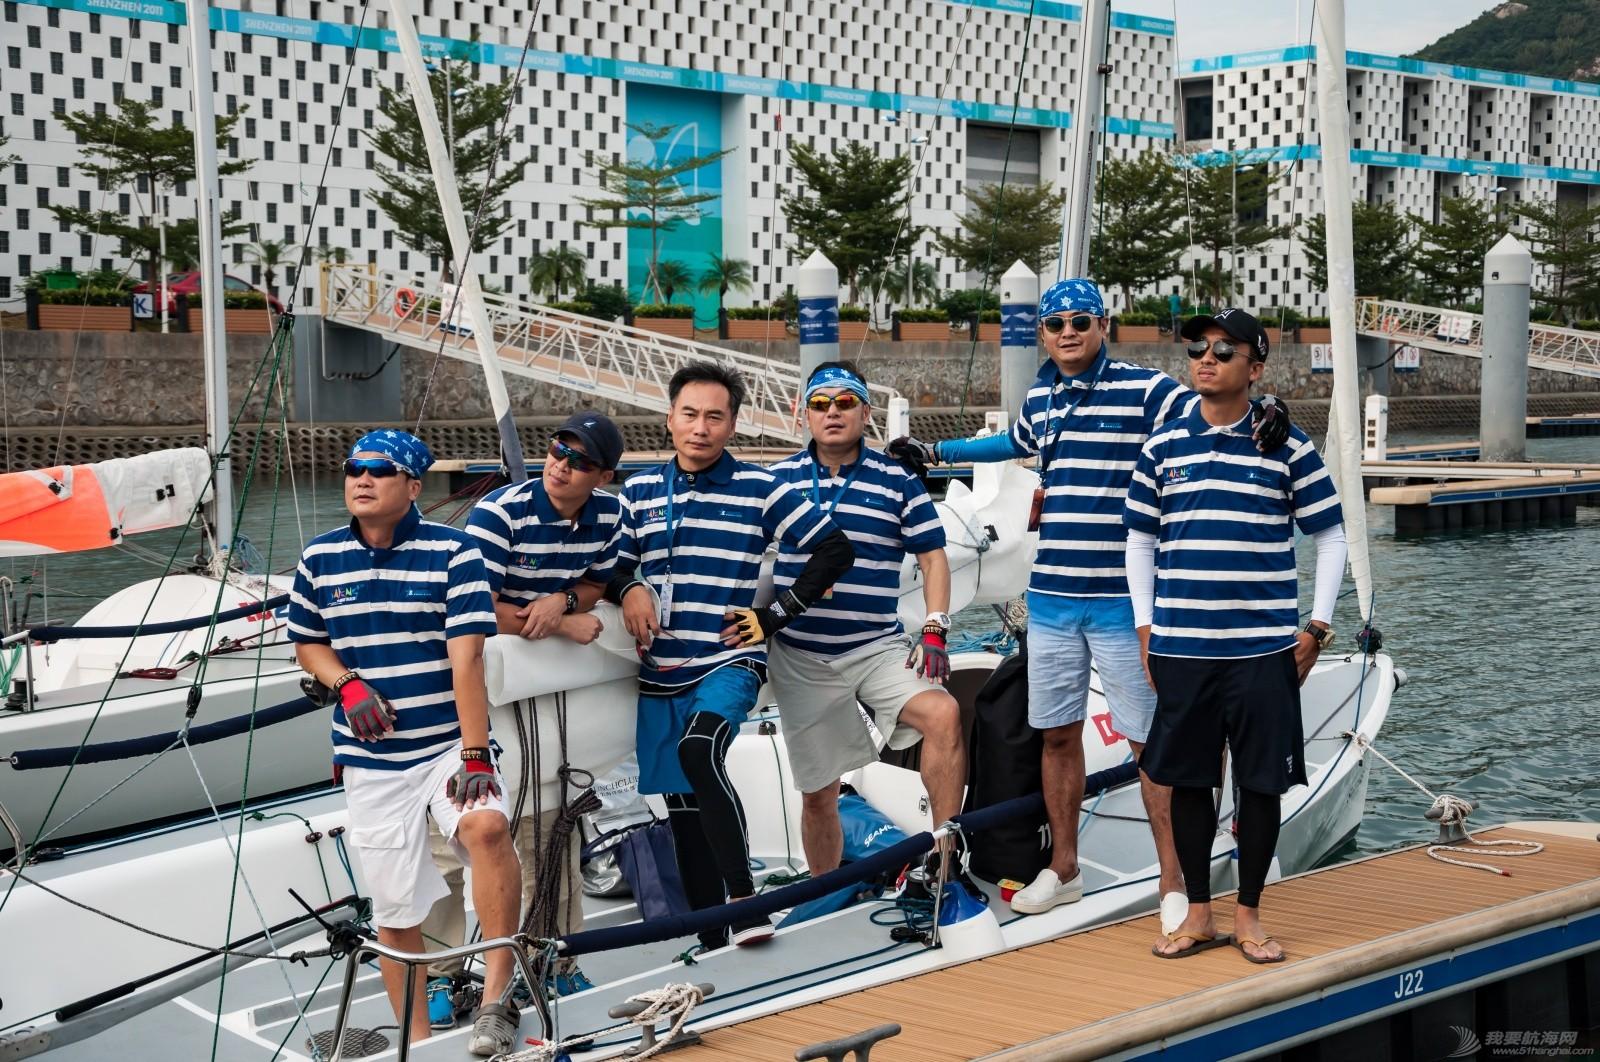 【2015大鹏杯帆船赛】21号上午出发集锦 s001.jpg